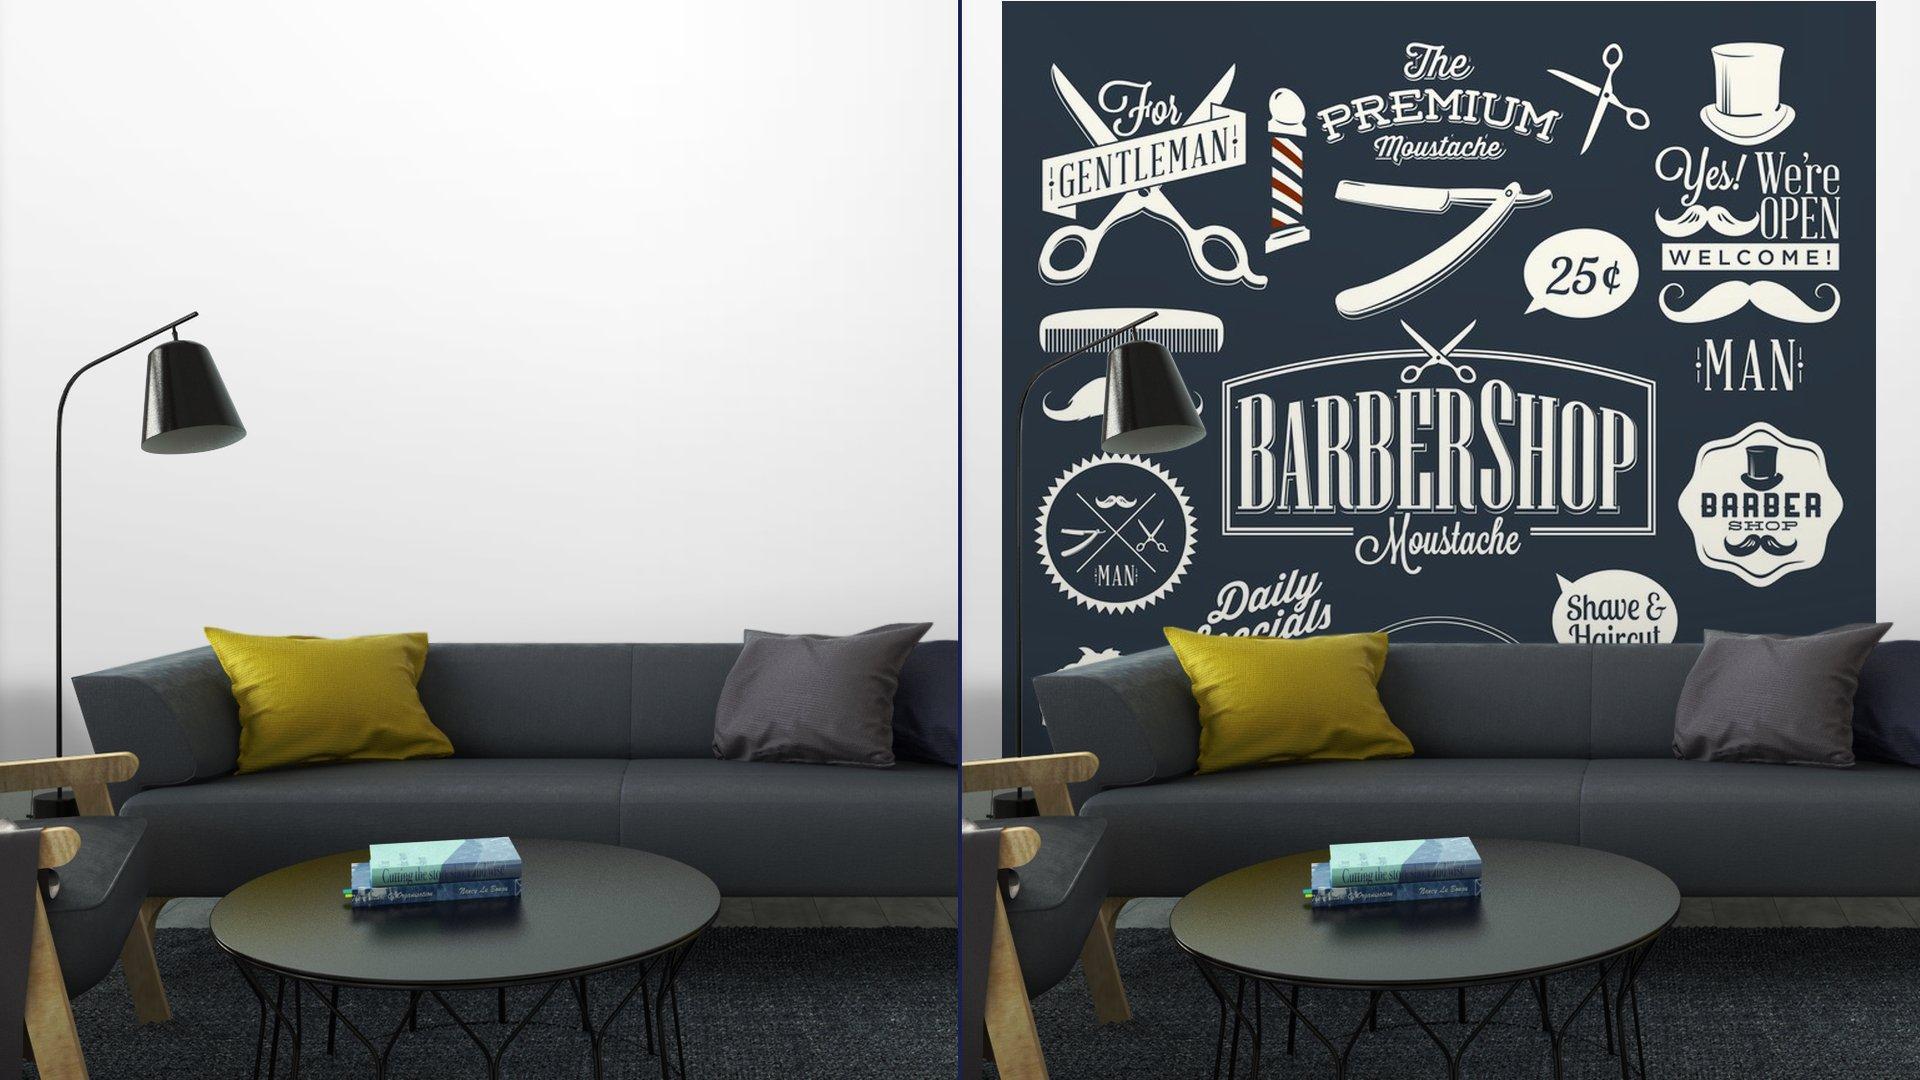 CONJUNTO DE ETIQUETAS DE TIENDA BARBER VINTAGE7 - Fotomural Tapiz Etiquetas de Barbería